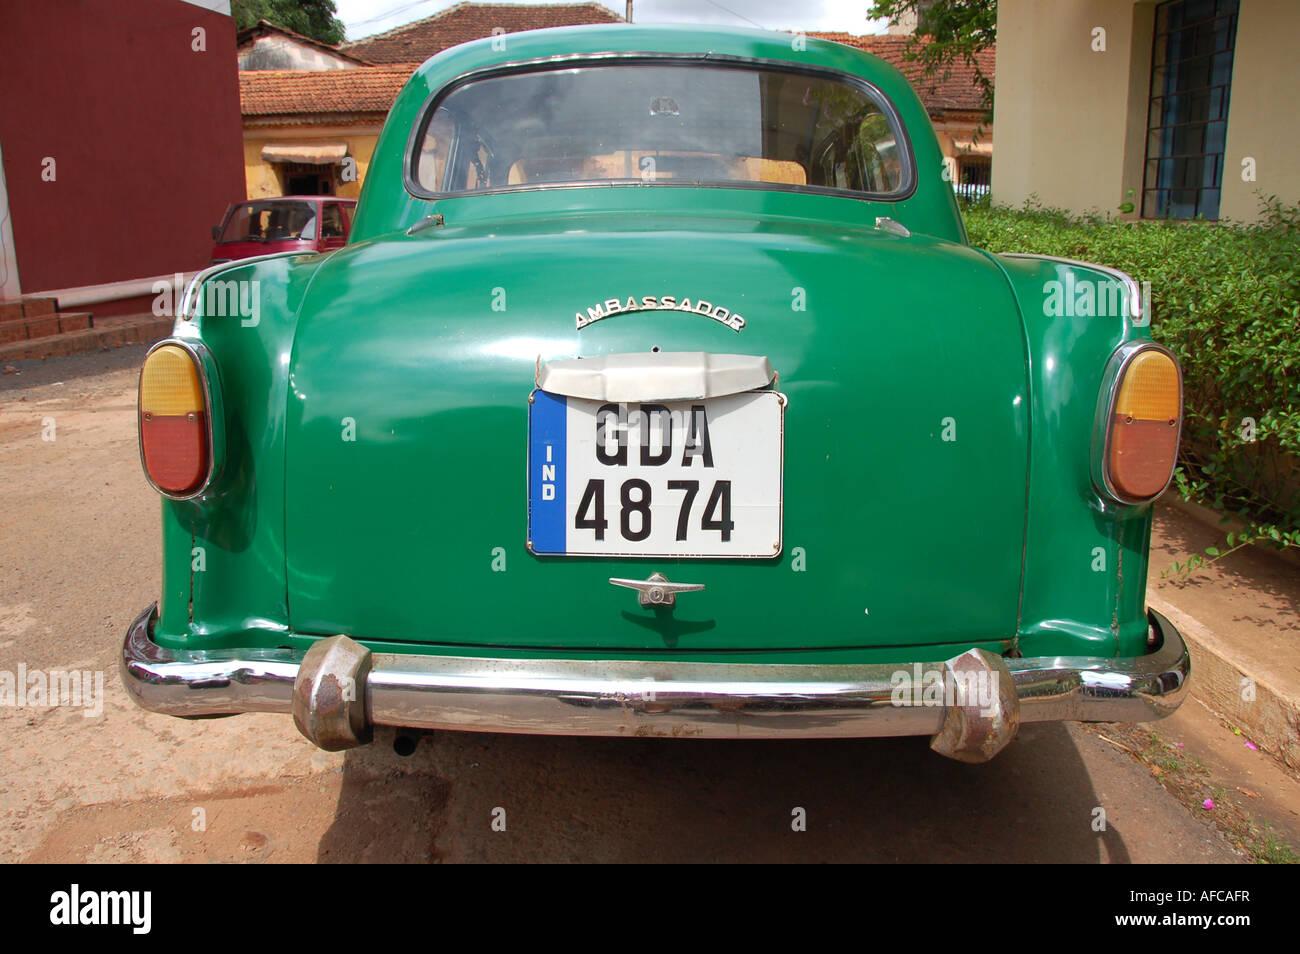 Hindustan Ambassador car in the latin quarter, Panjim, Goa - Stock Image